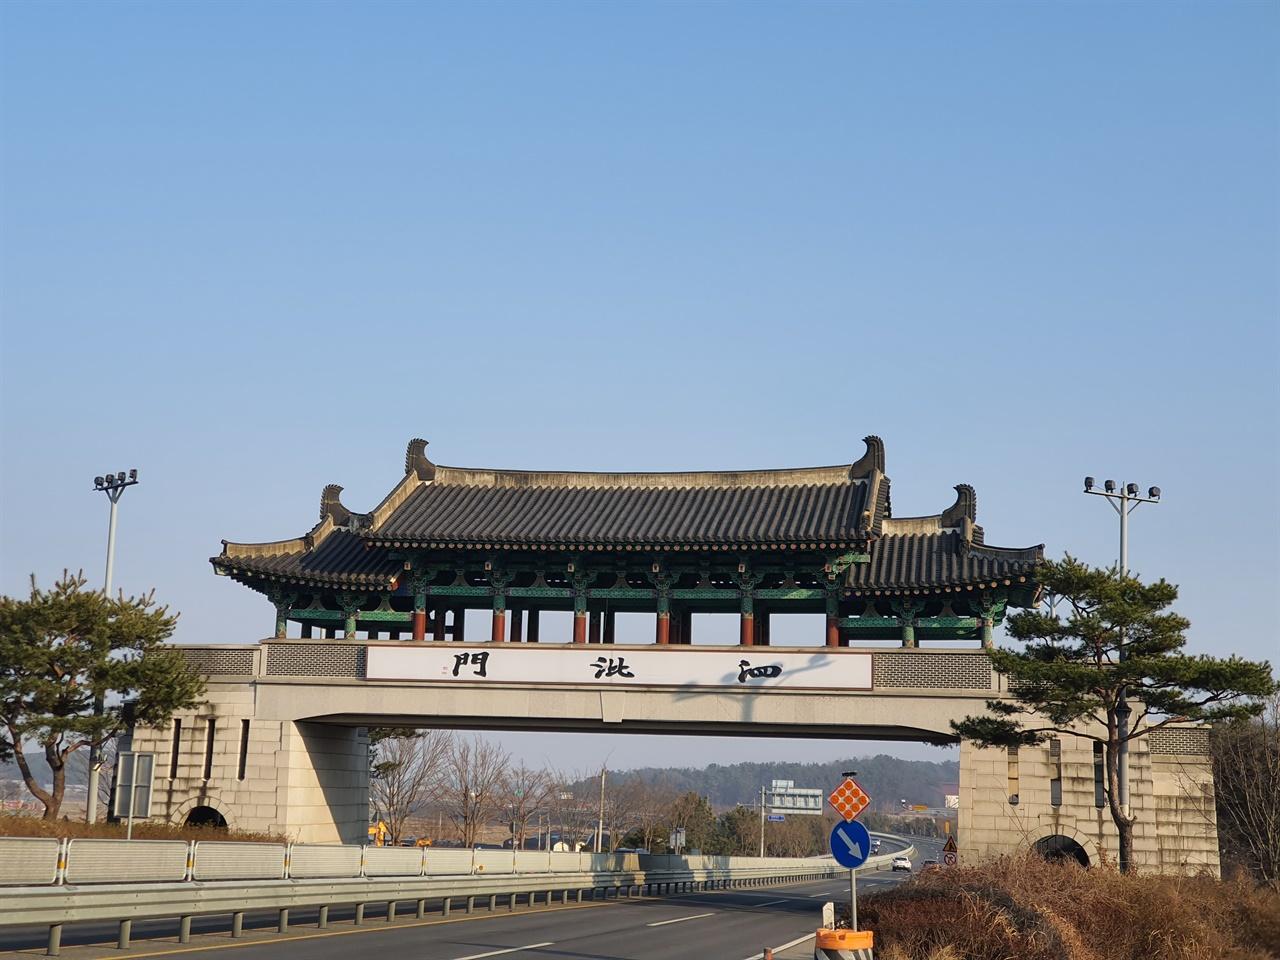 부여의 관문 사비문 사비문에는 4개의 치미 장식이 위풍당당하게 부여를 찾아오는 여행자들을 맞아주고 있다